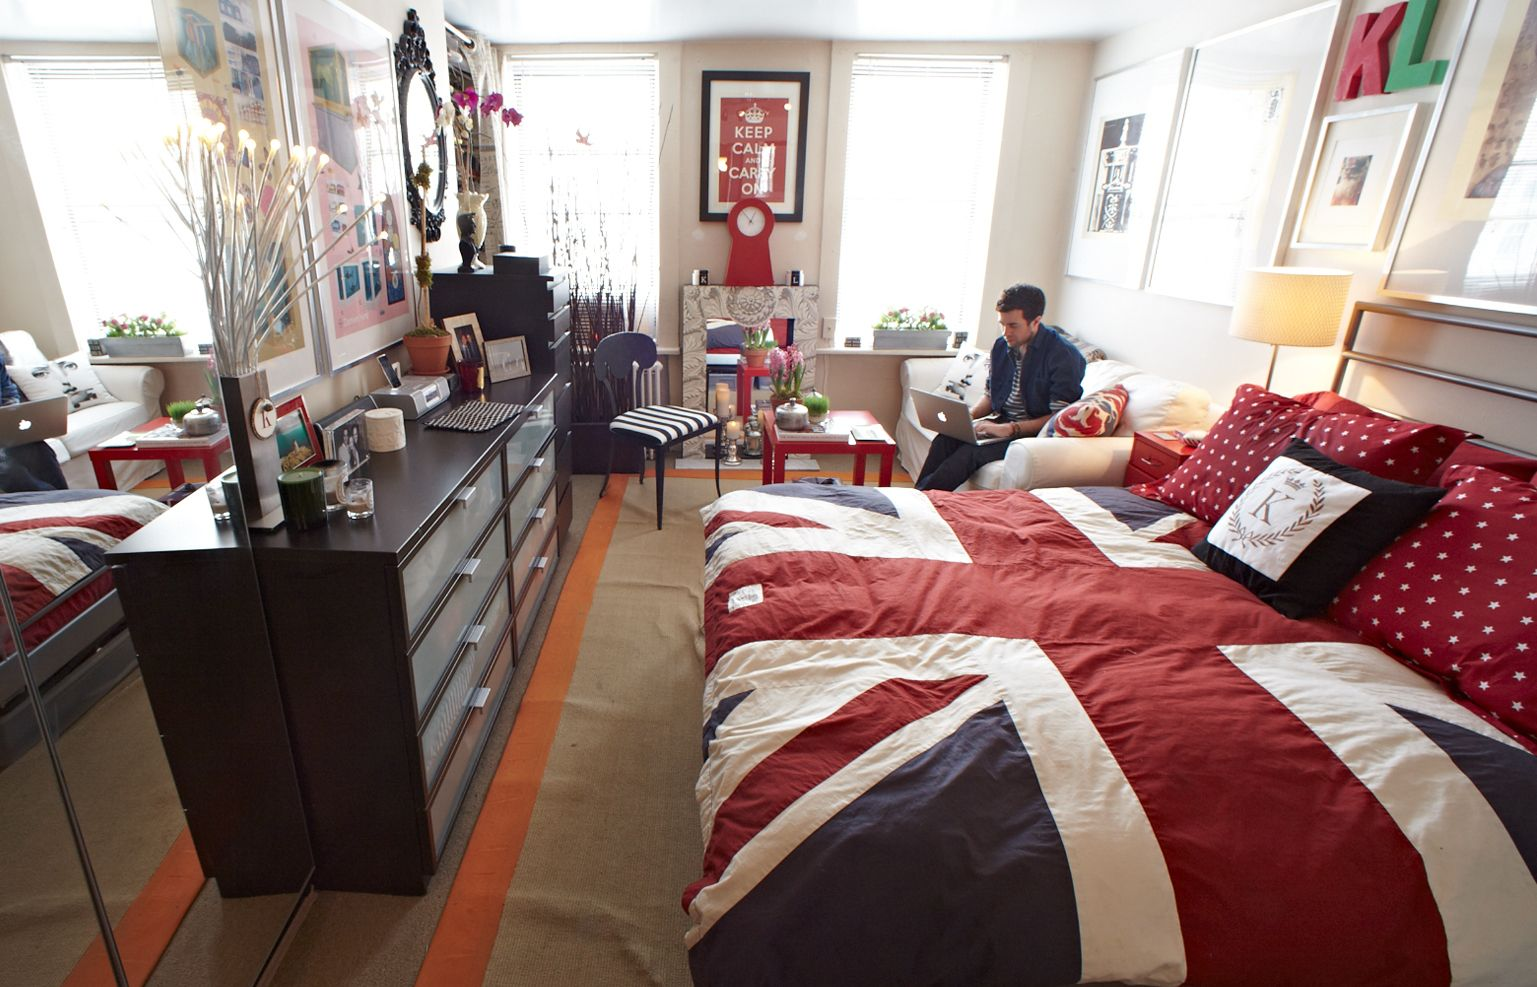 Kristian laliberteus studio apartment in manhattan new york colour